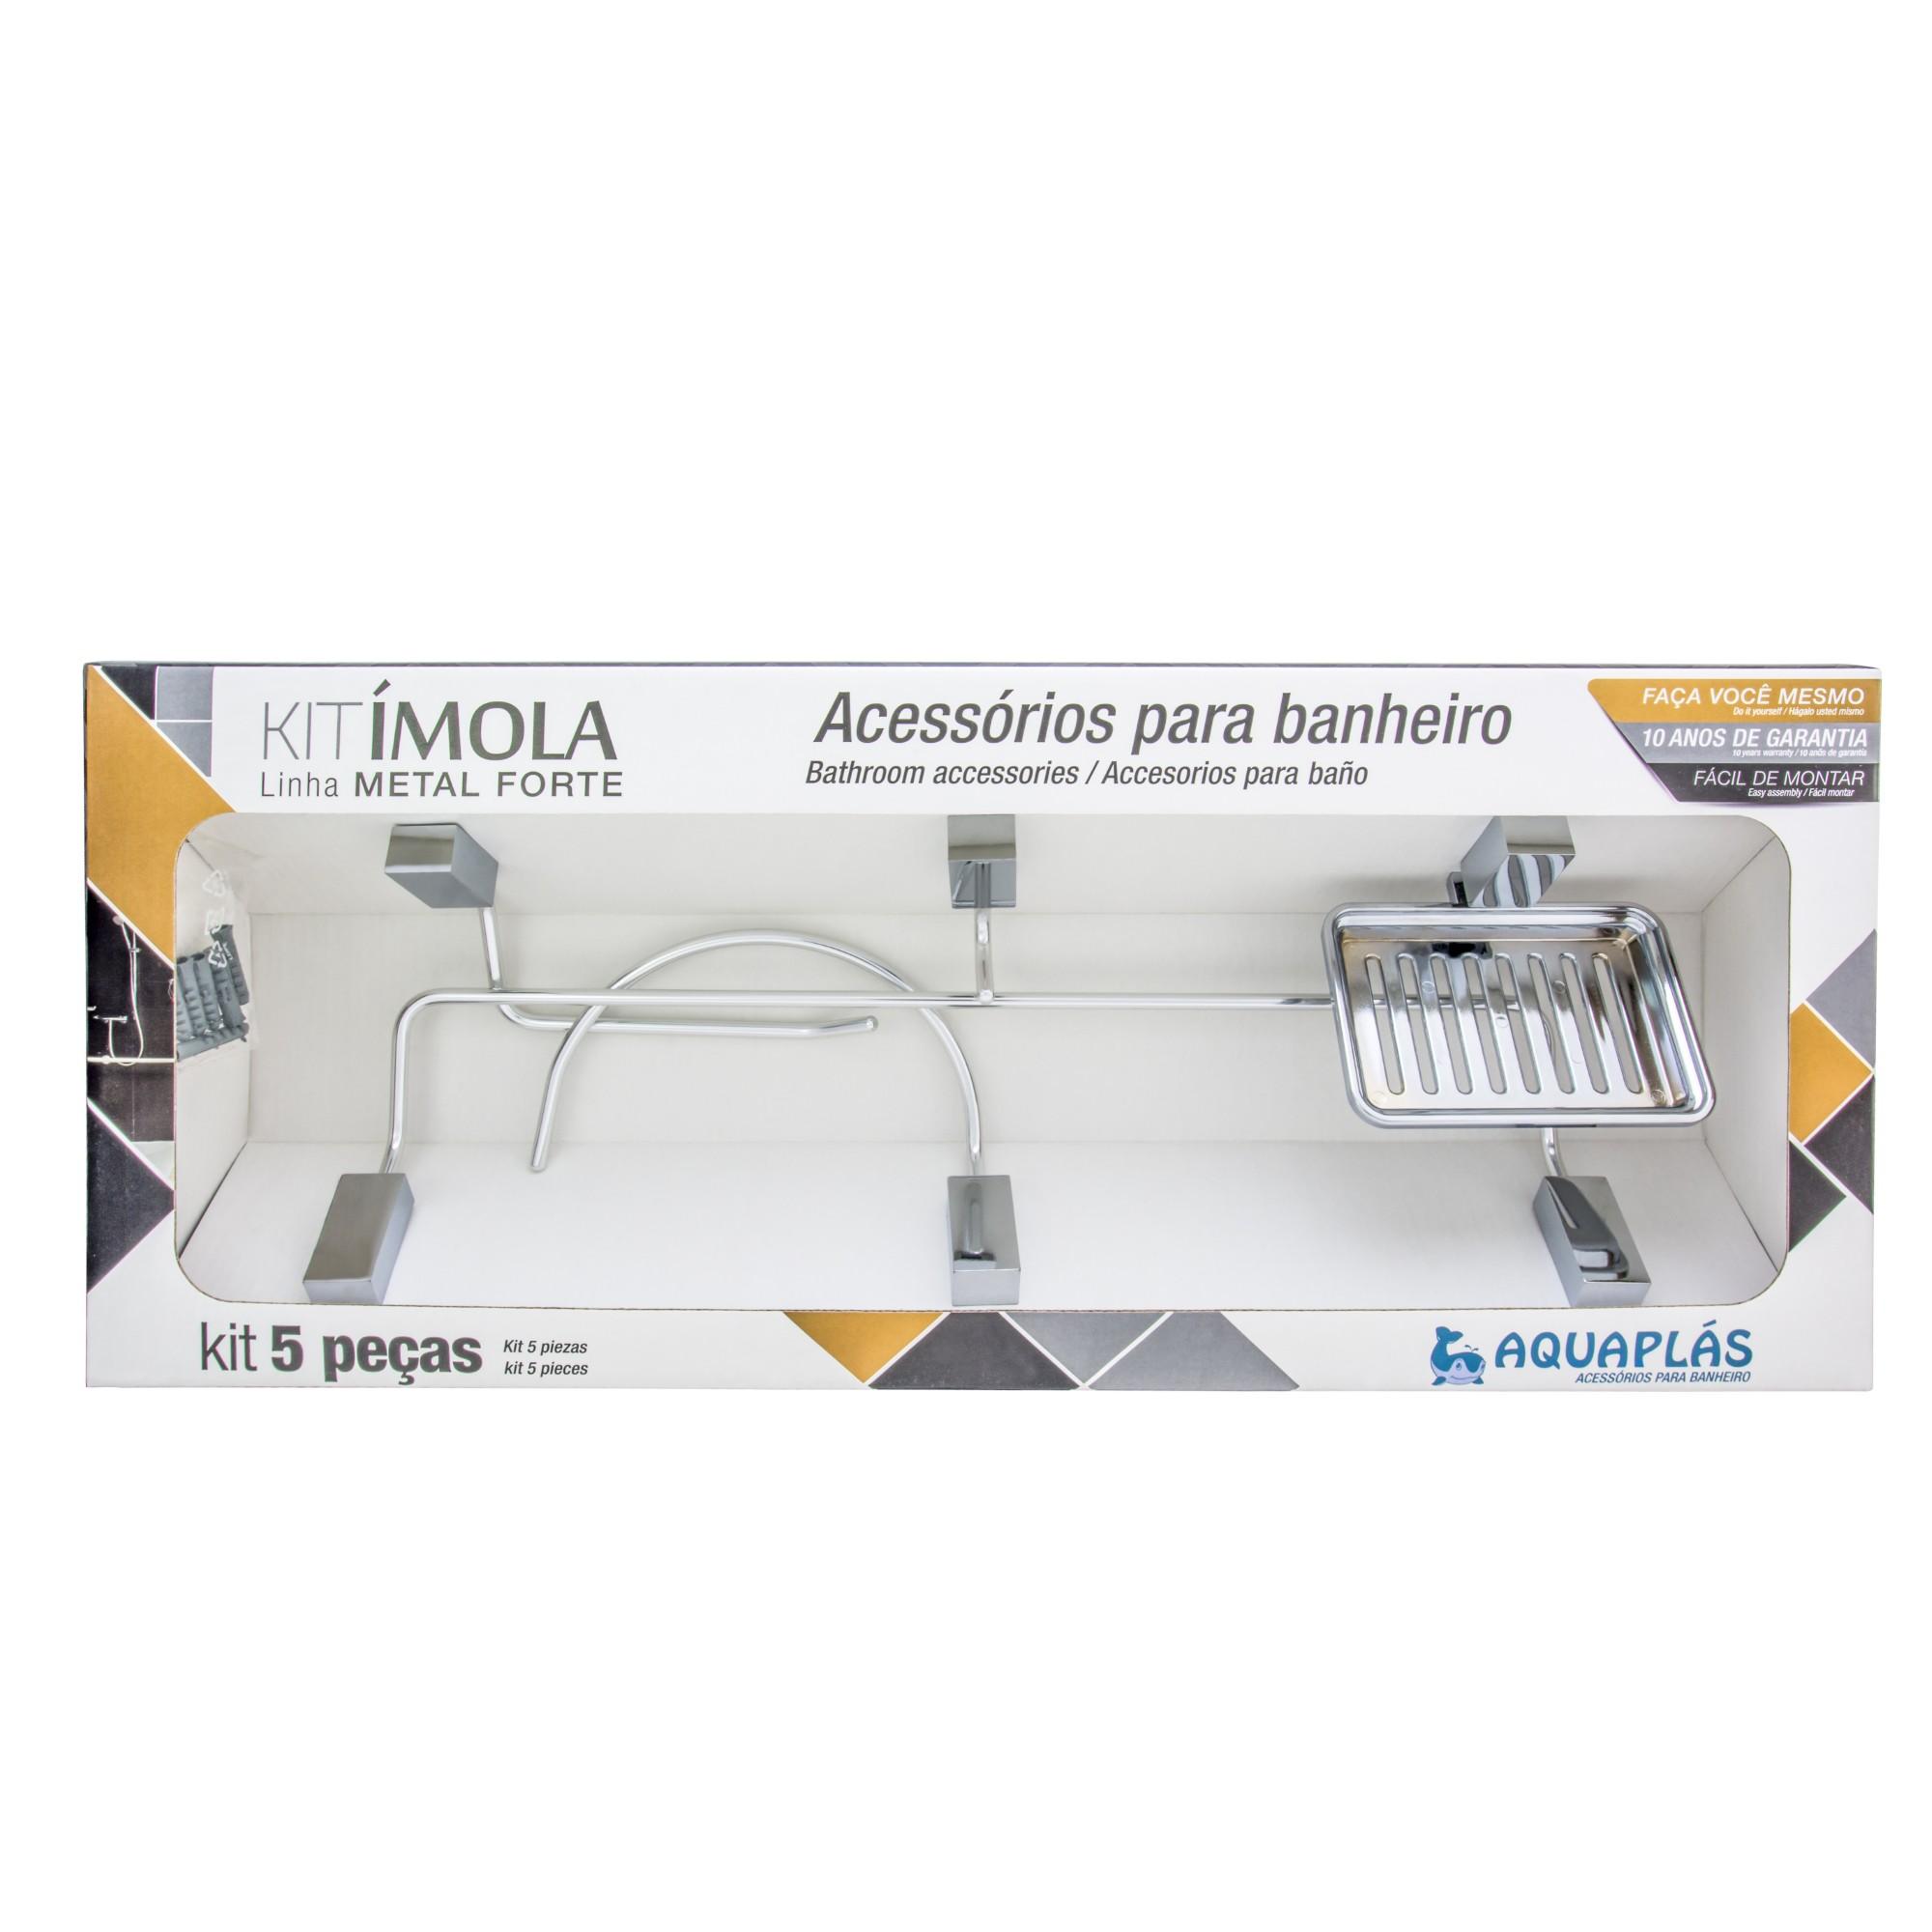 Kit De Acessorios para Banheiro de Parede Metal 5 Pecas Prata - Imola Aquaplas